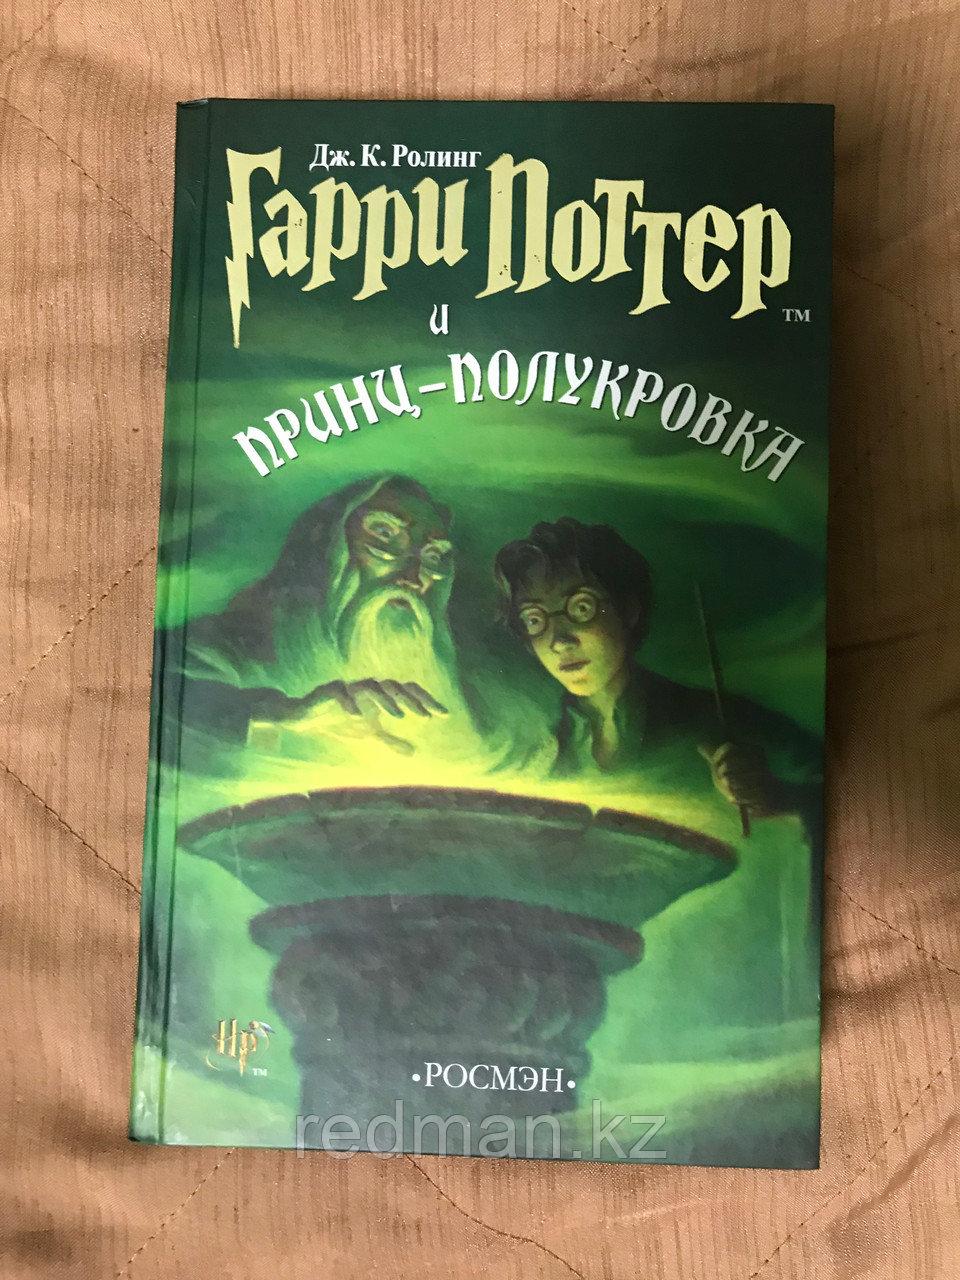 Комплект книг Гарри Поттер в переводе от Росмэн (старый перевод) - фото 4